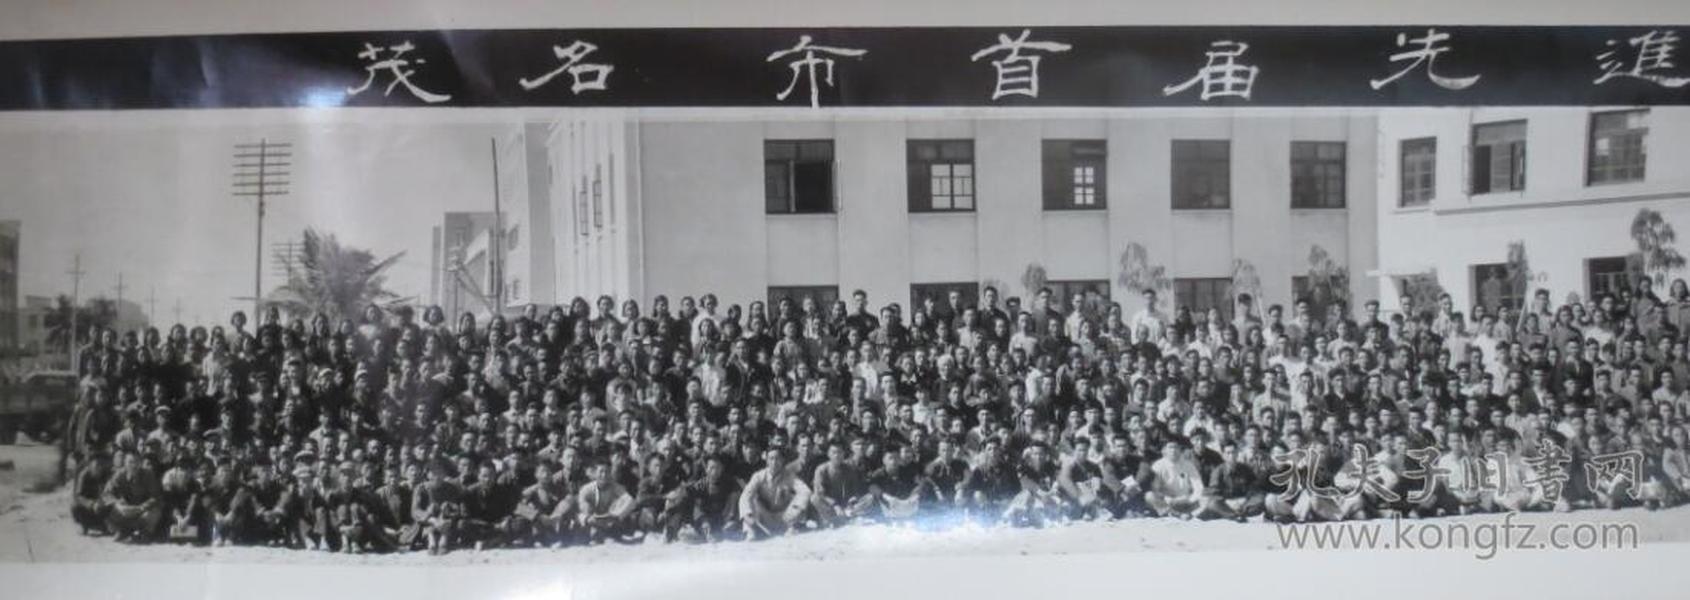 1959年茂名市首届先进生产者及女能手代表大会全体代表合影留念